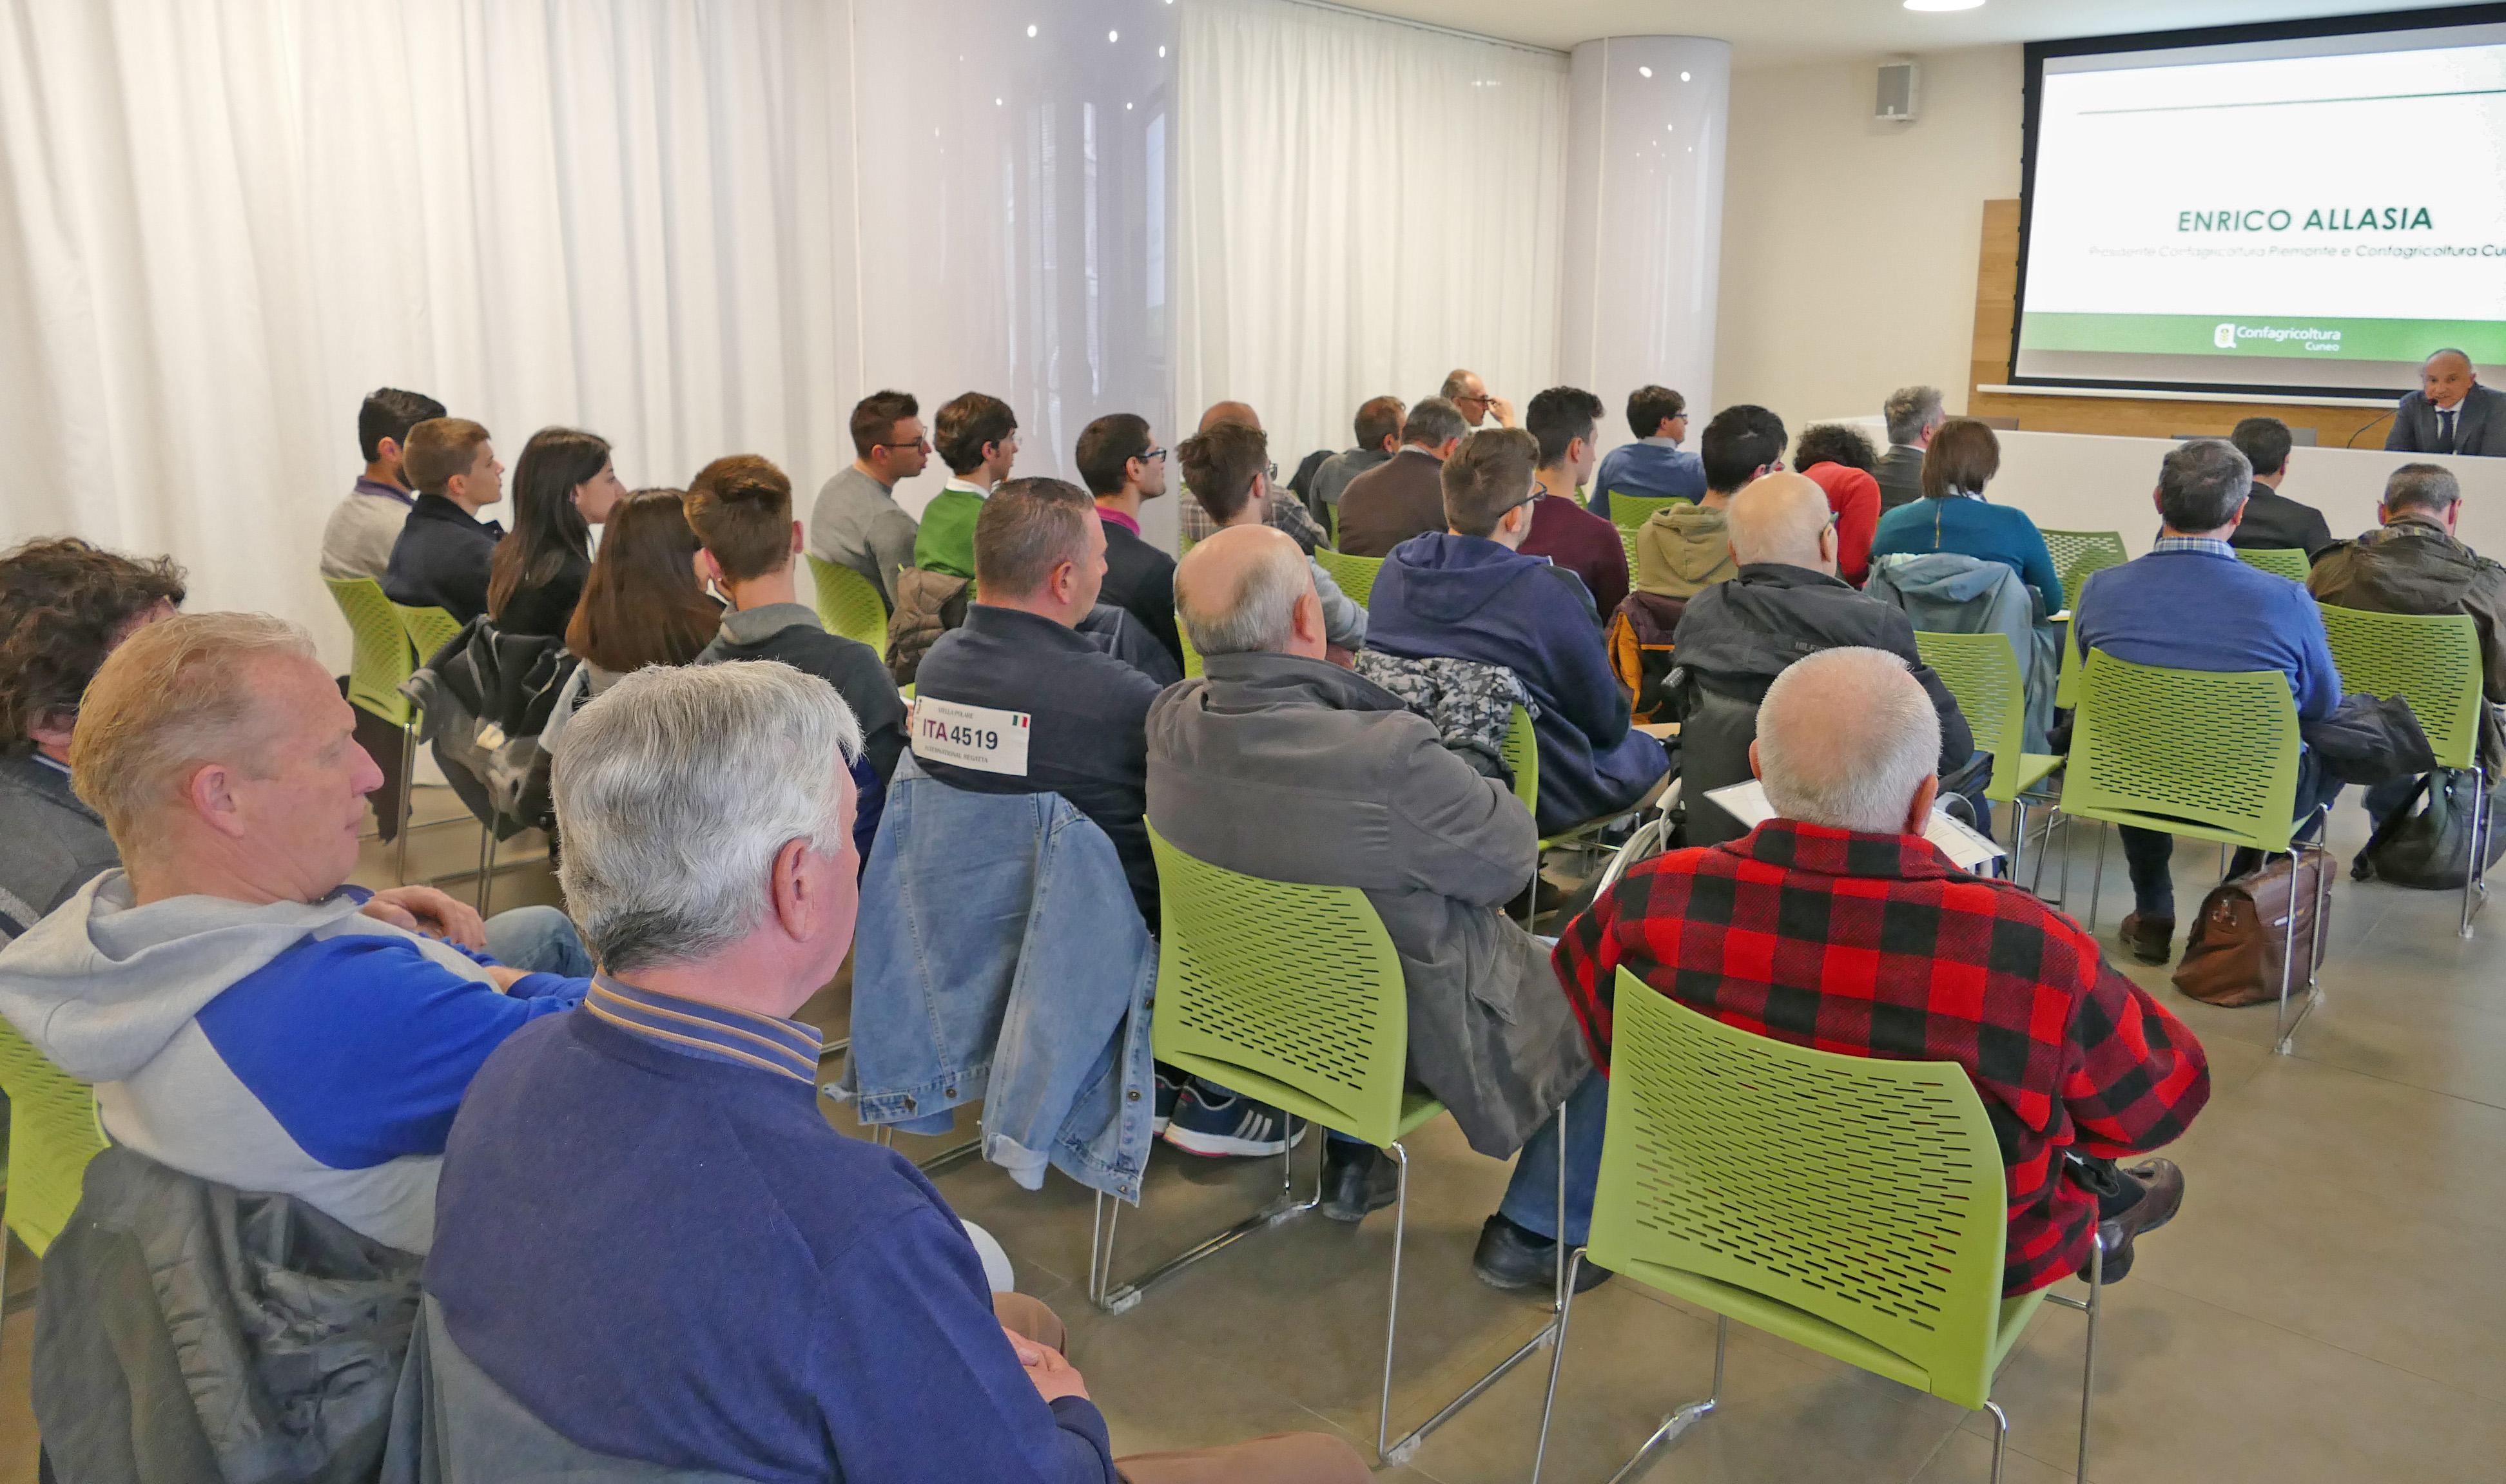 L'intervento di Enrico Allasia in apertura del seminario sul contenimento delle emissioni in zootecnia a Cuneo